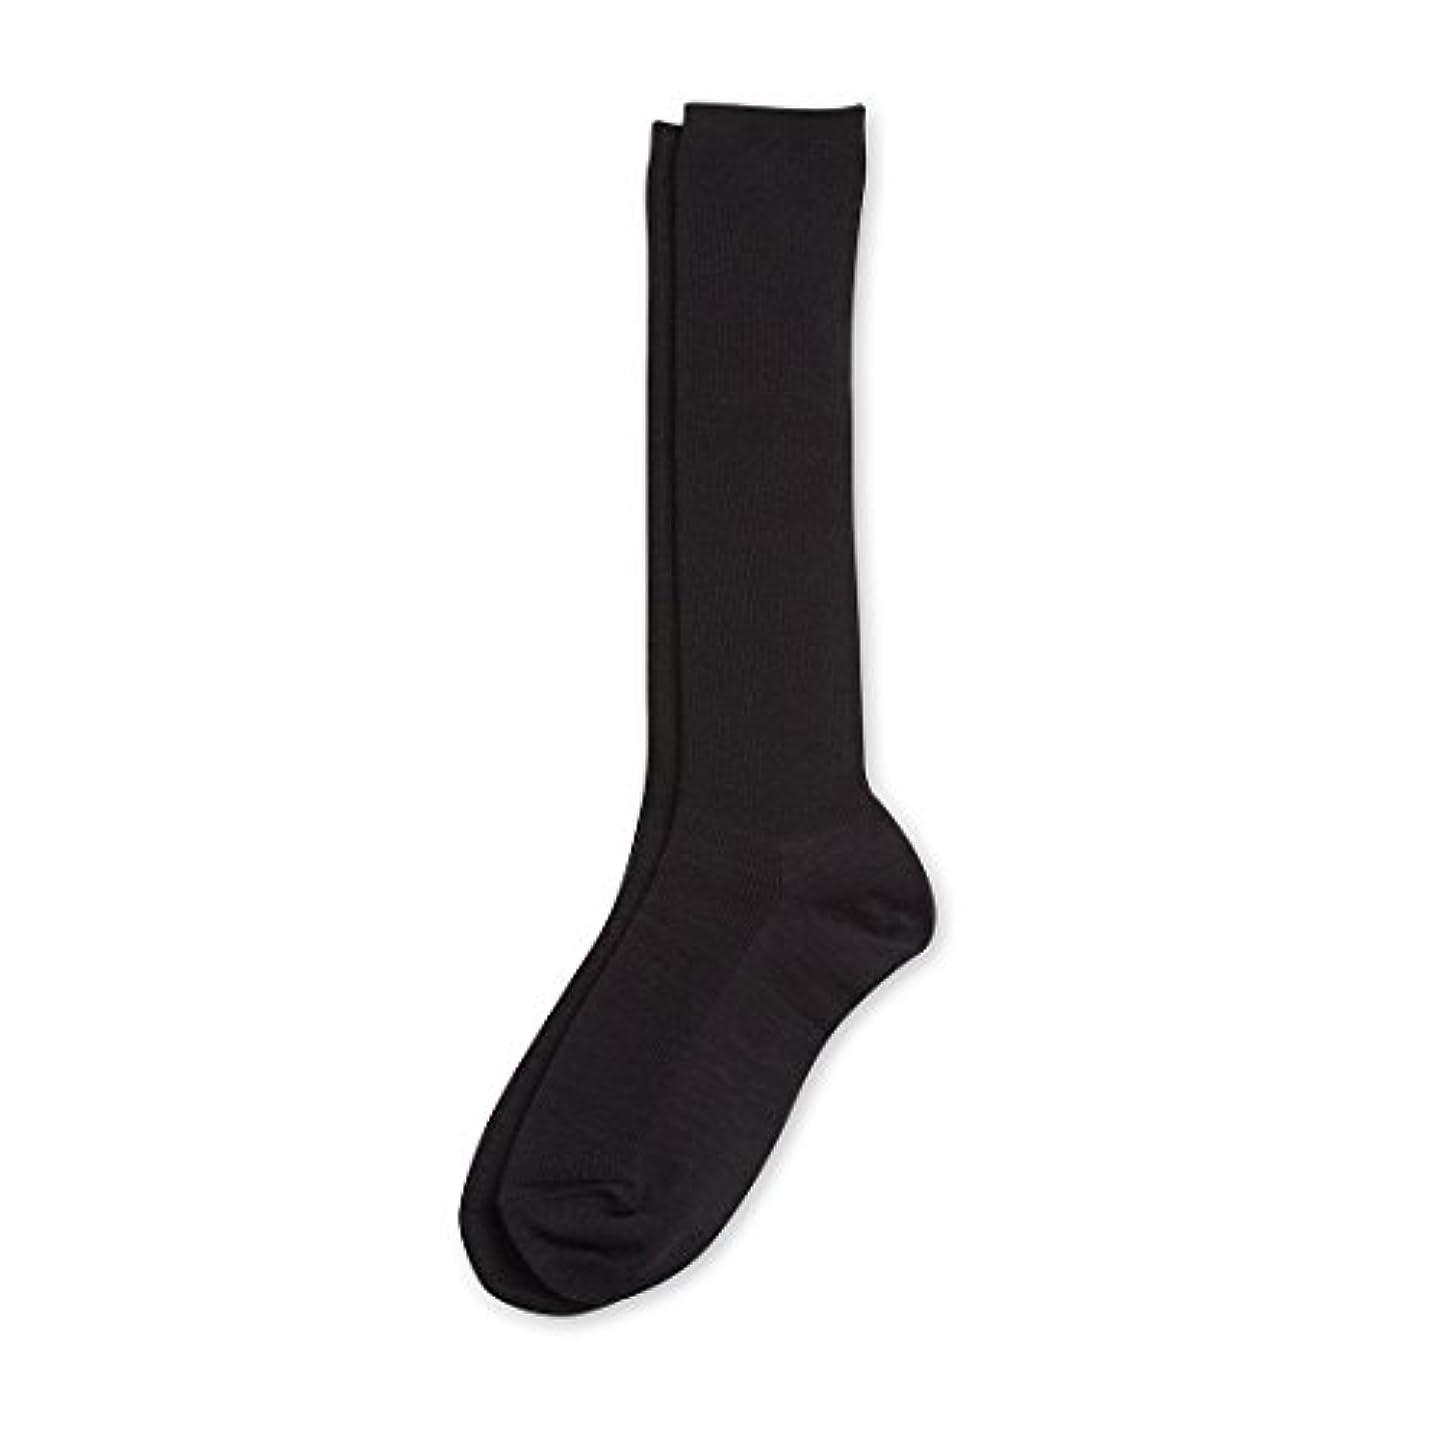 壁紙ピケくDeol(デオル) ハイソックス 女性用 日本製 靴下 黒 23cm-25cm